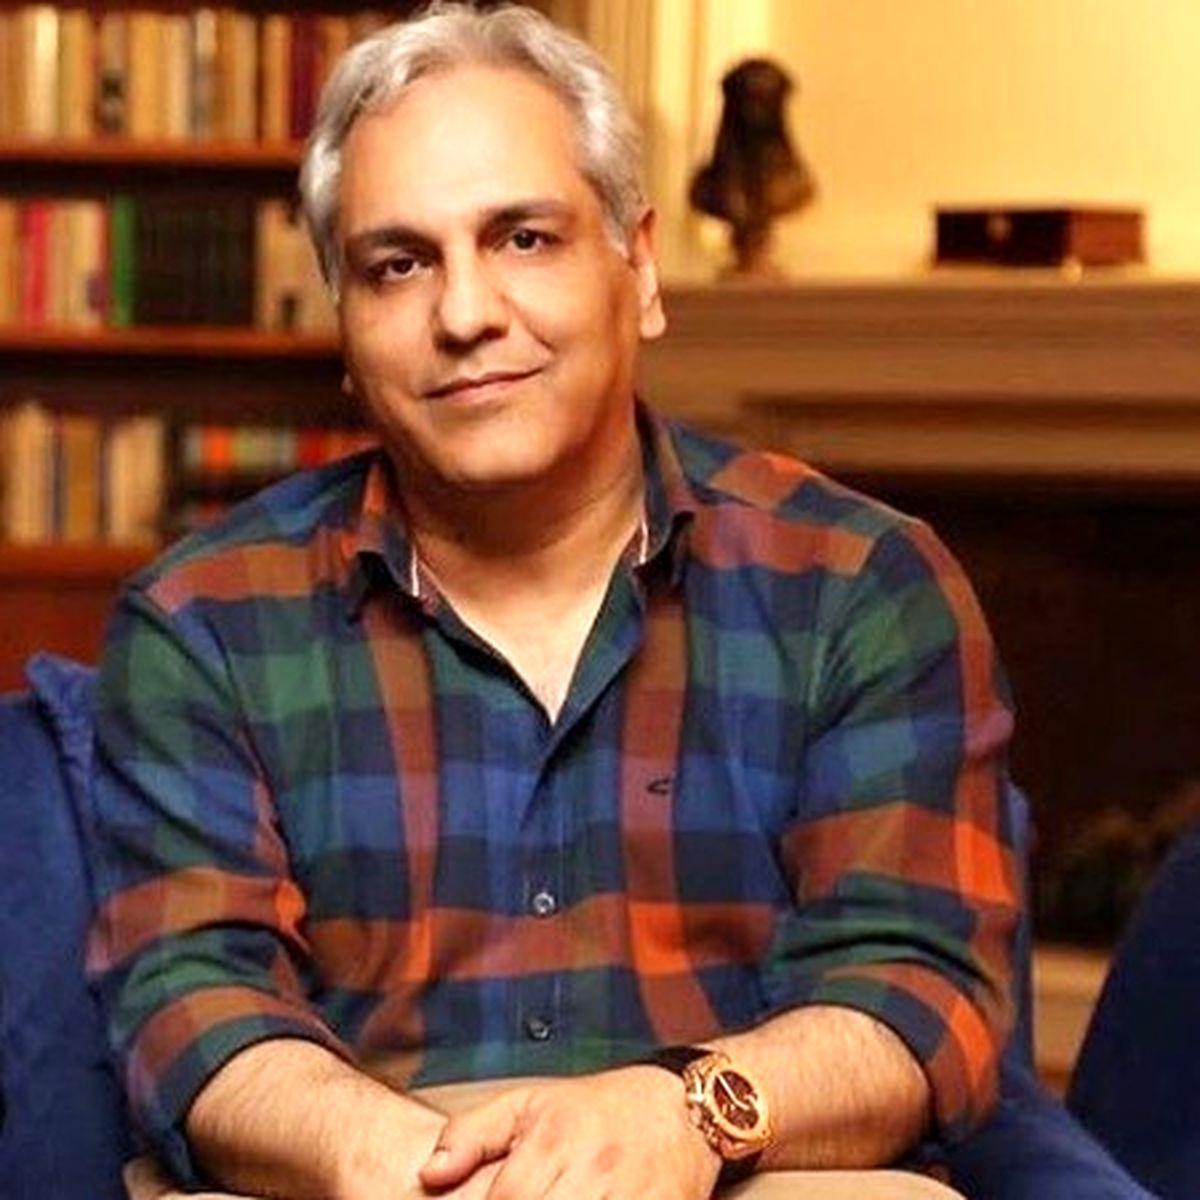 فیلم دیده نشده از آواز خواندن مهران مدیری + فیلم